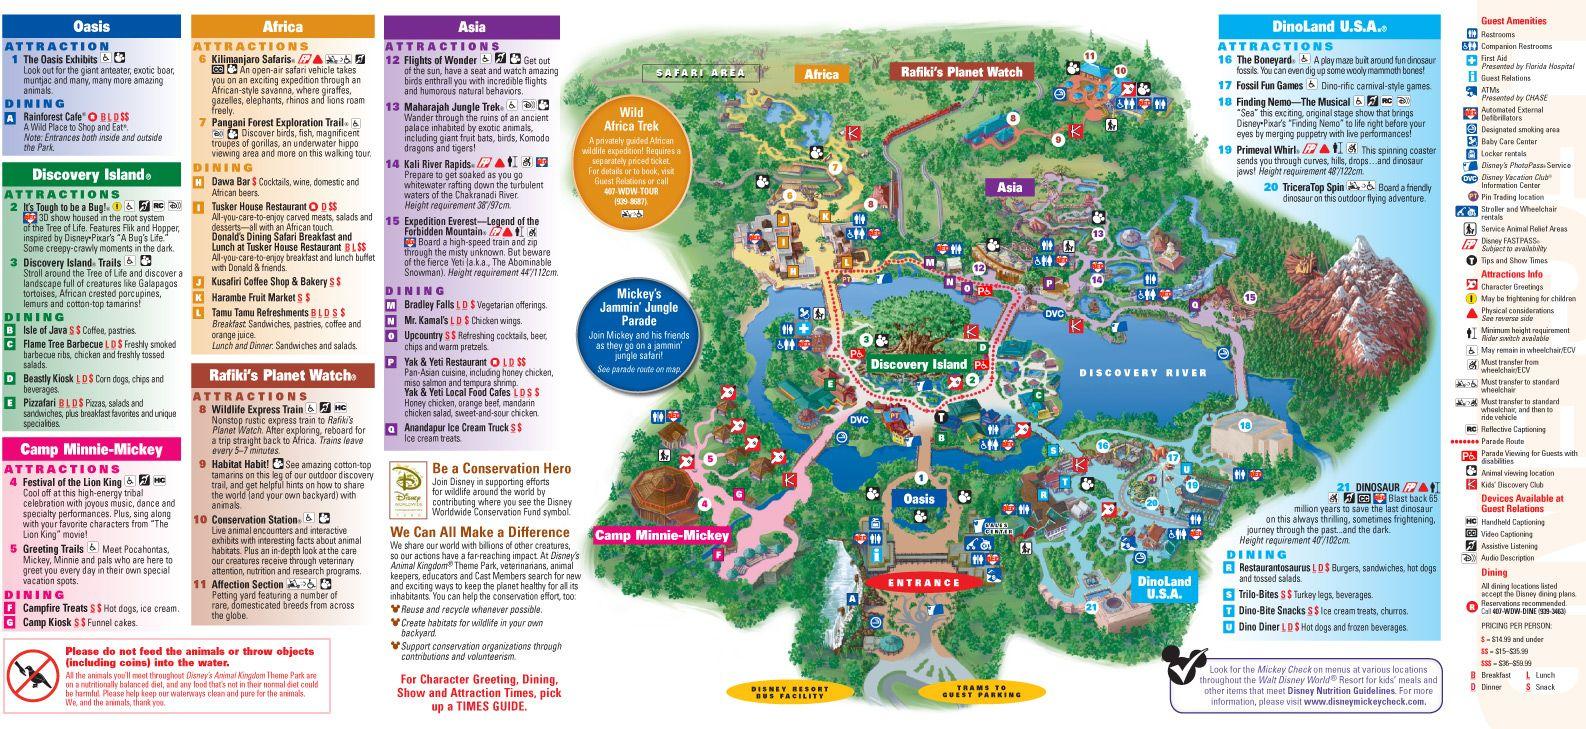 Printable+Animal+Kingdom+Map+2014 | ... Park and Resort Maps ...